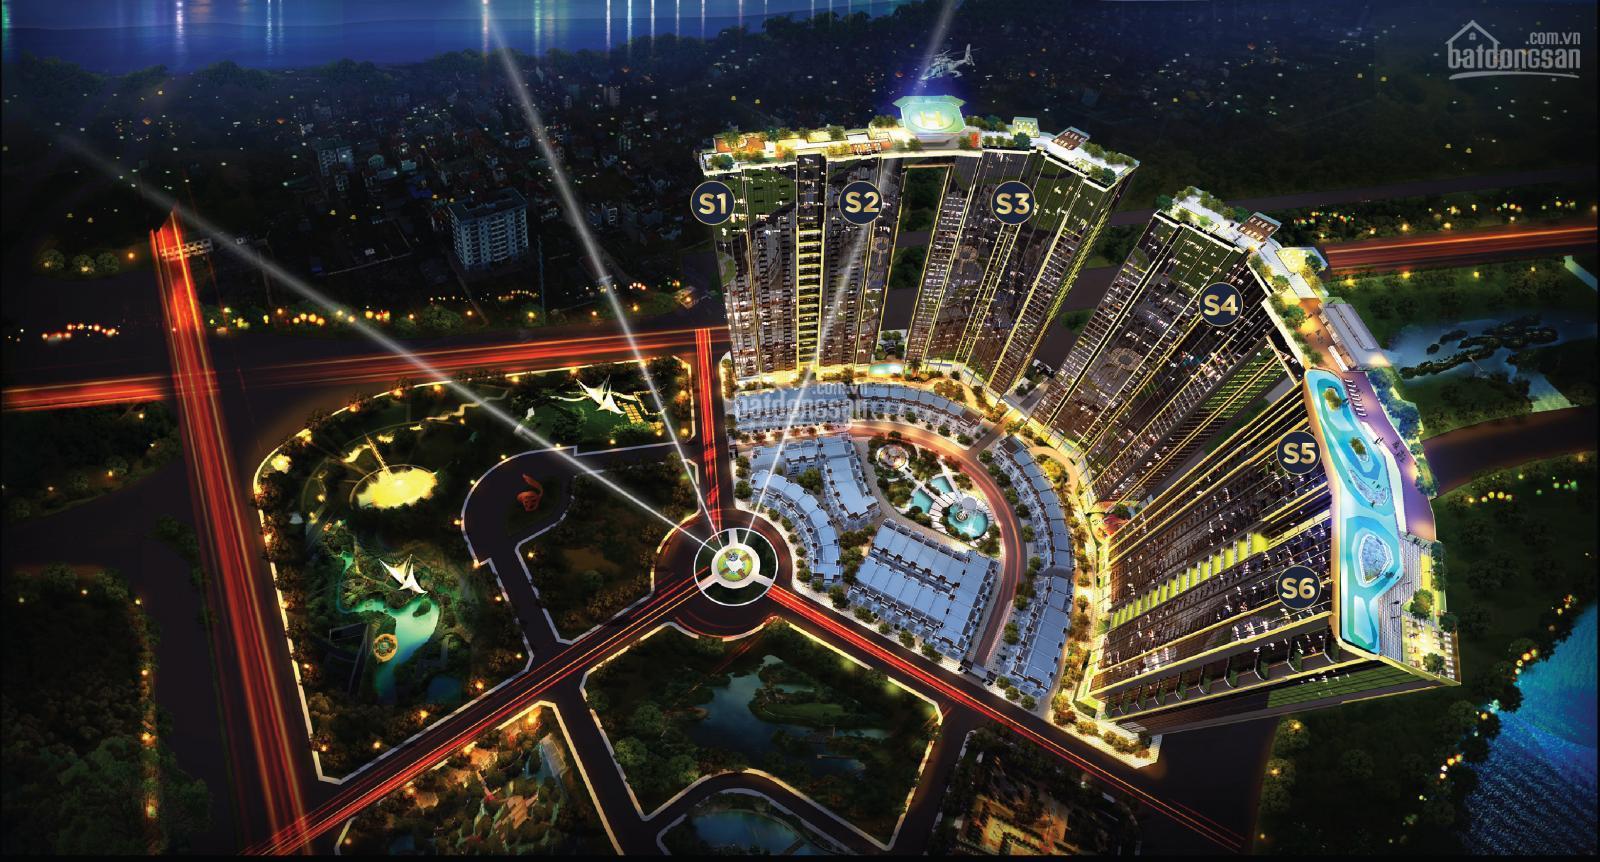 Hot! suất ngoại giao sunshine city, chỉ từ 2.9 tỷ/90m2, giá rẻ hơn cđt 400-700tr. t12 nhận nhà